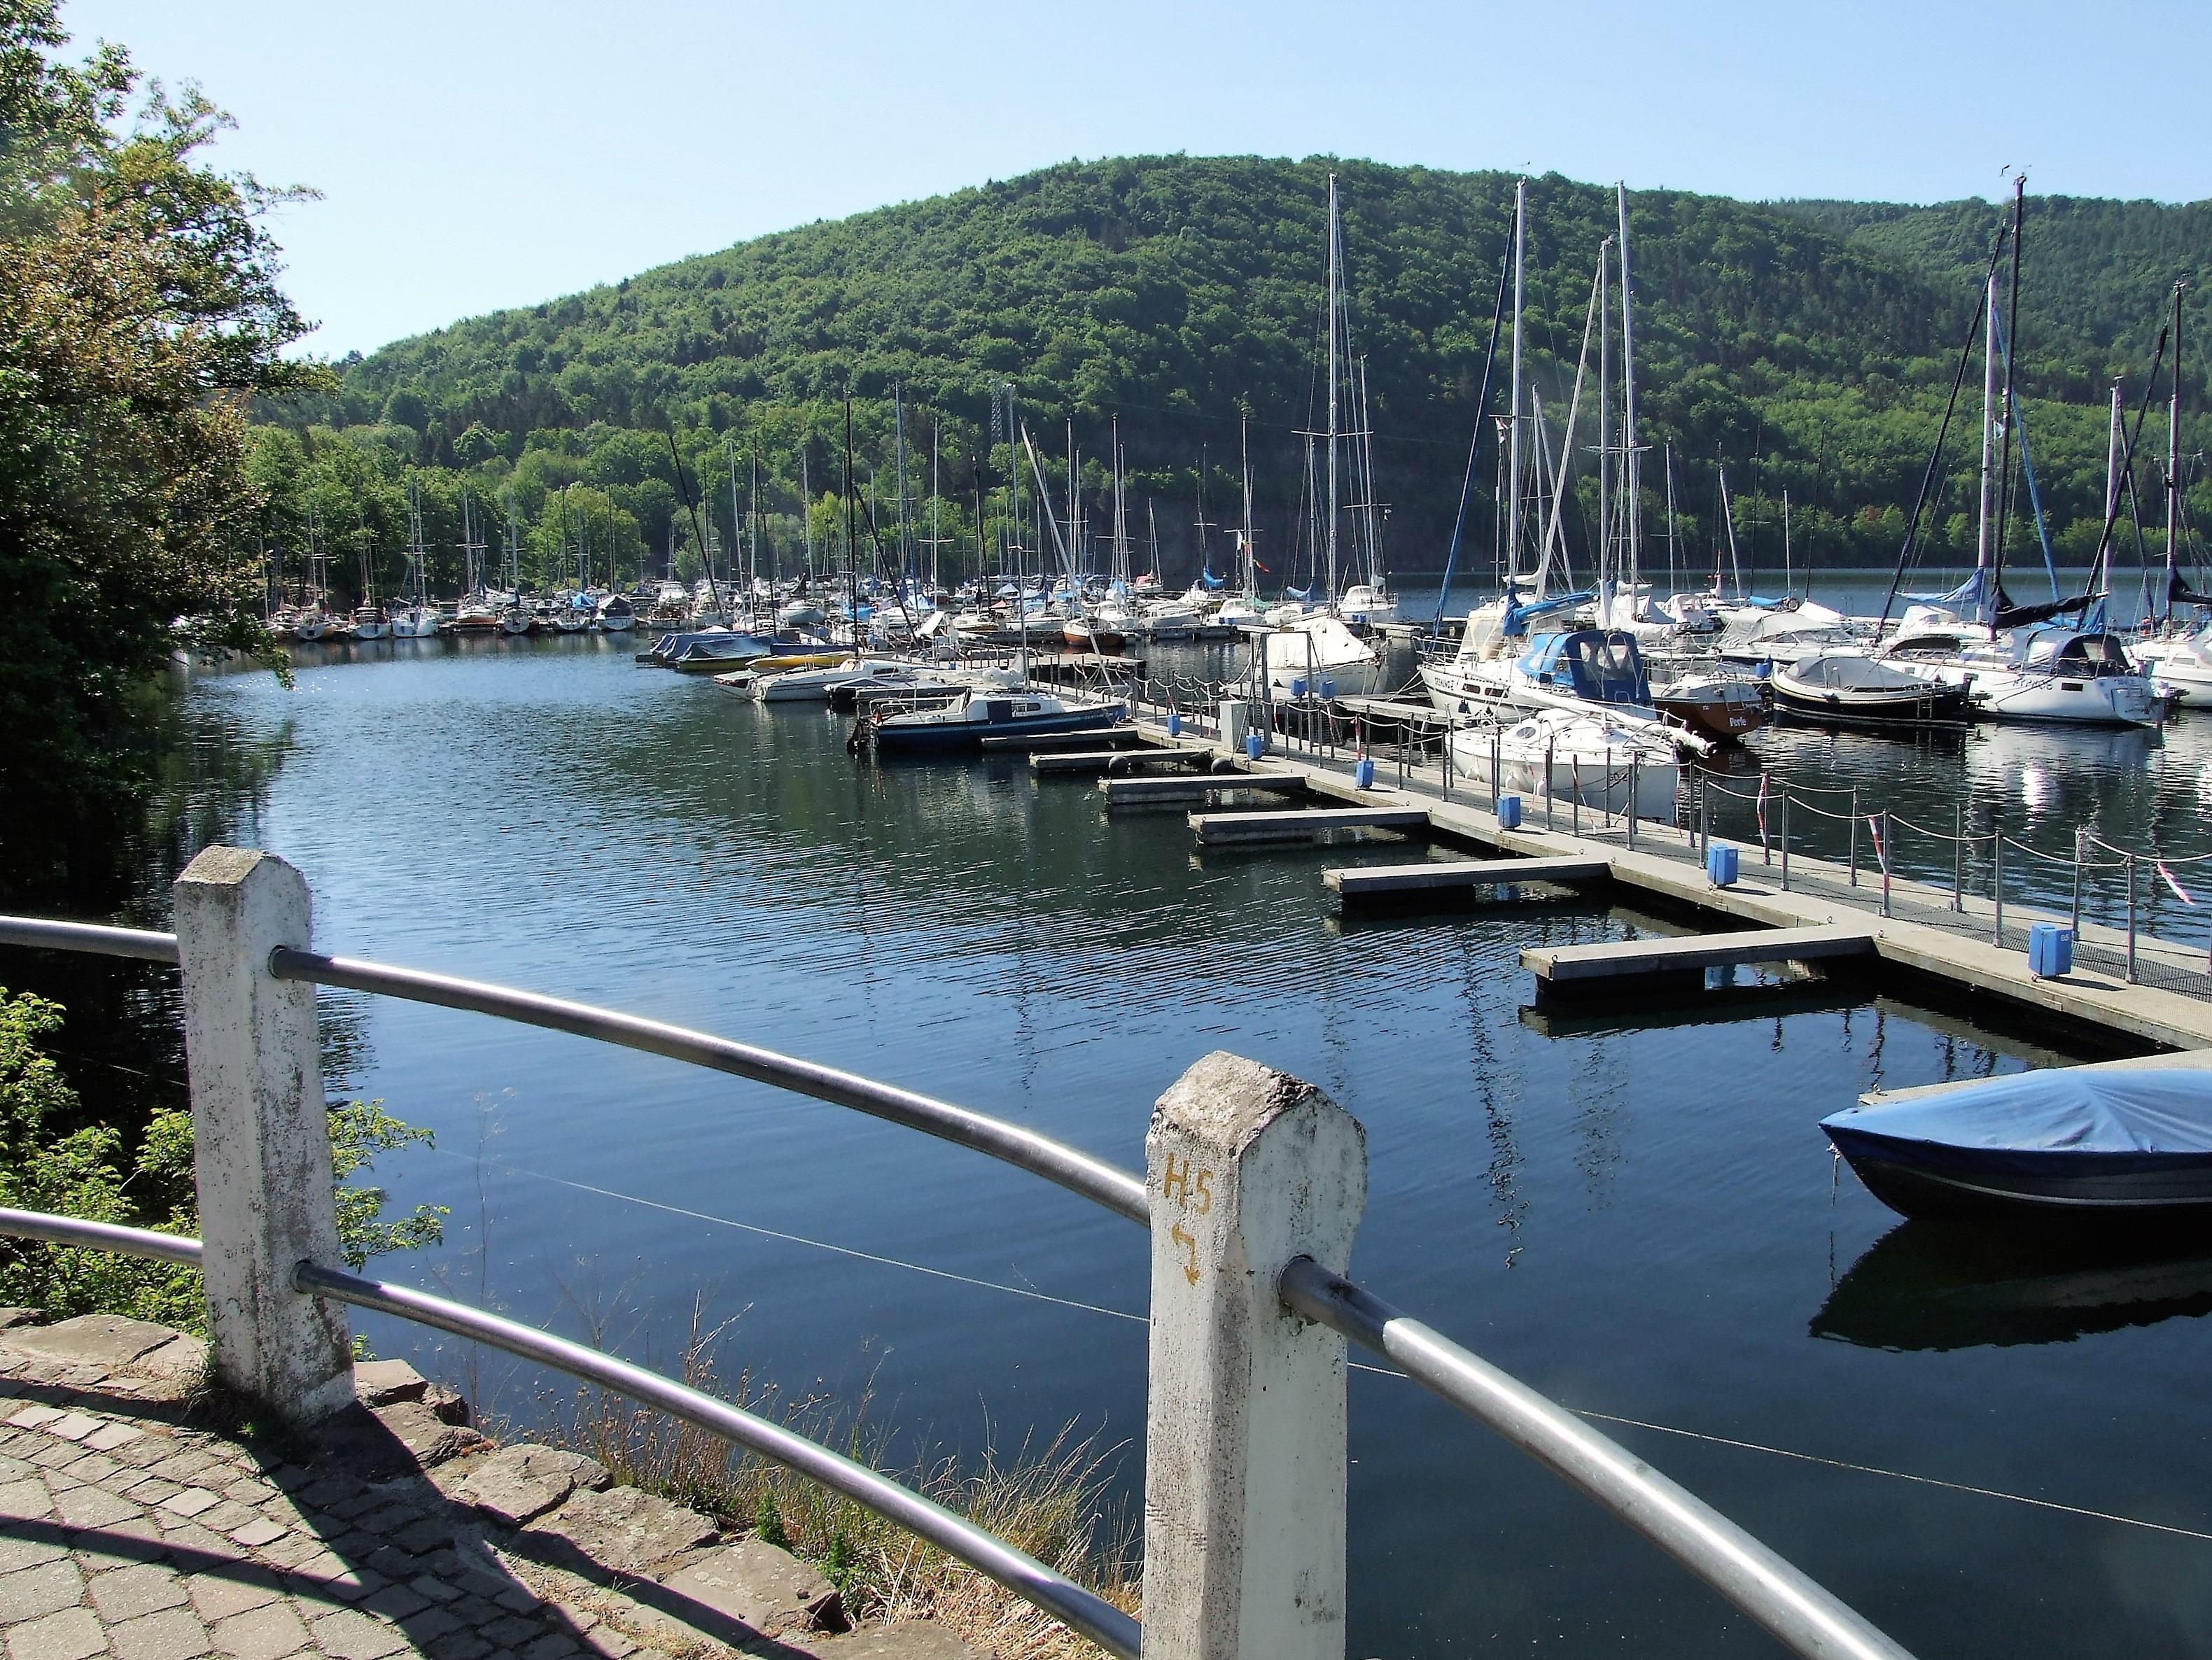 Blick vom Yachthafen Rehbach in Richtung Weißer Stein. (Foto: Uli Klein)